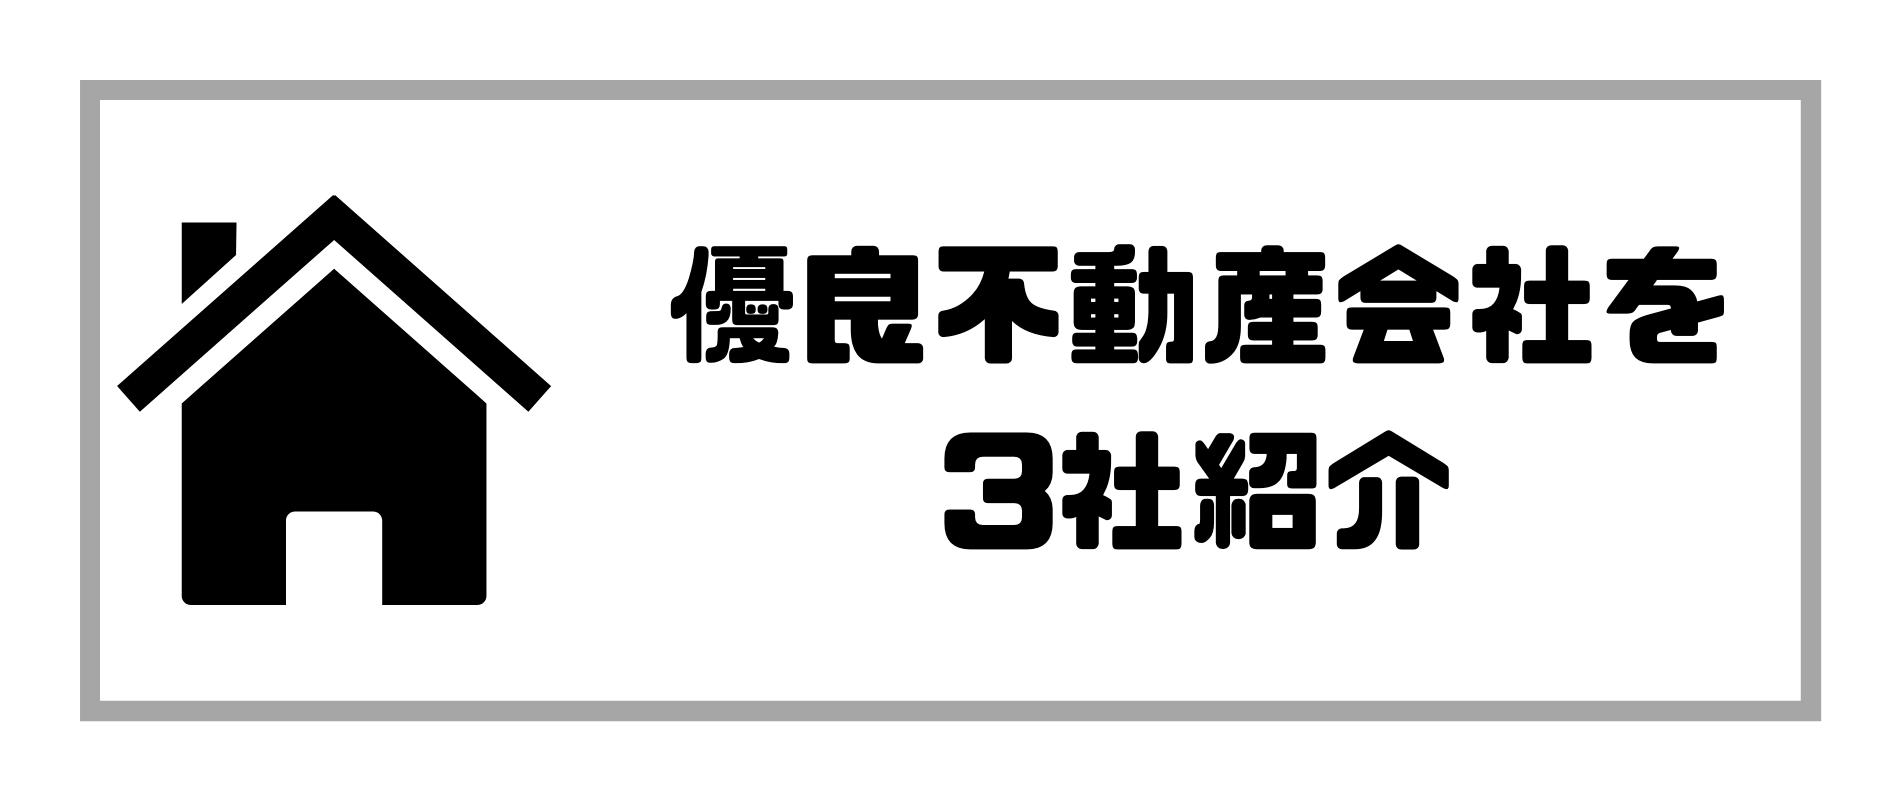 イエシル_優良不動産会社を3社紹介